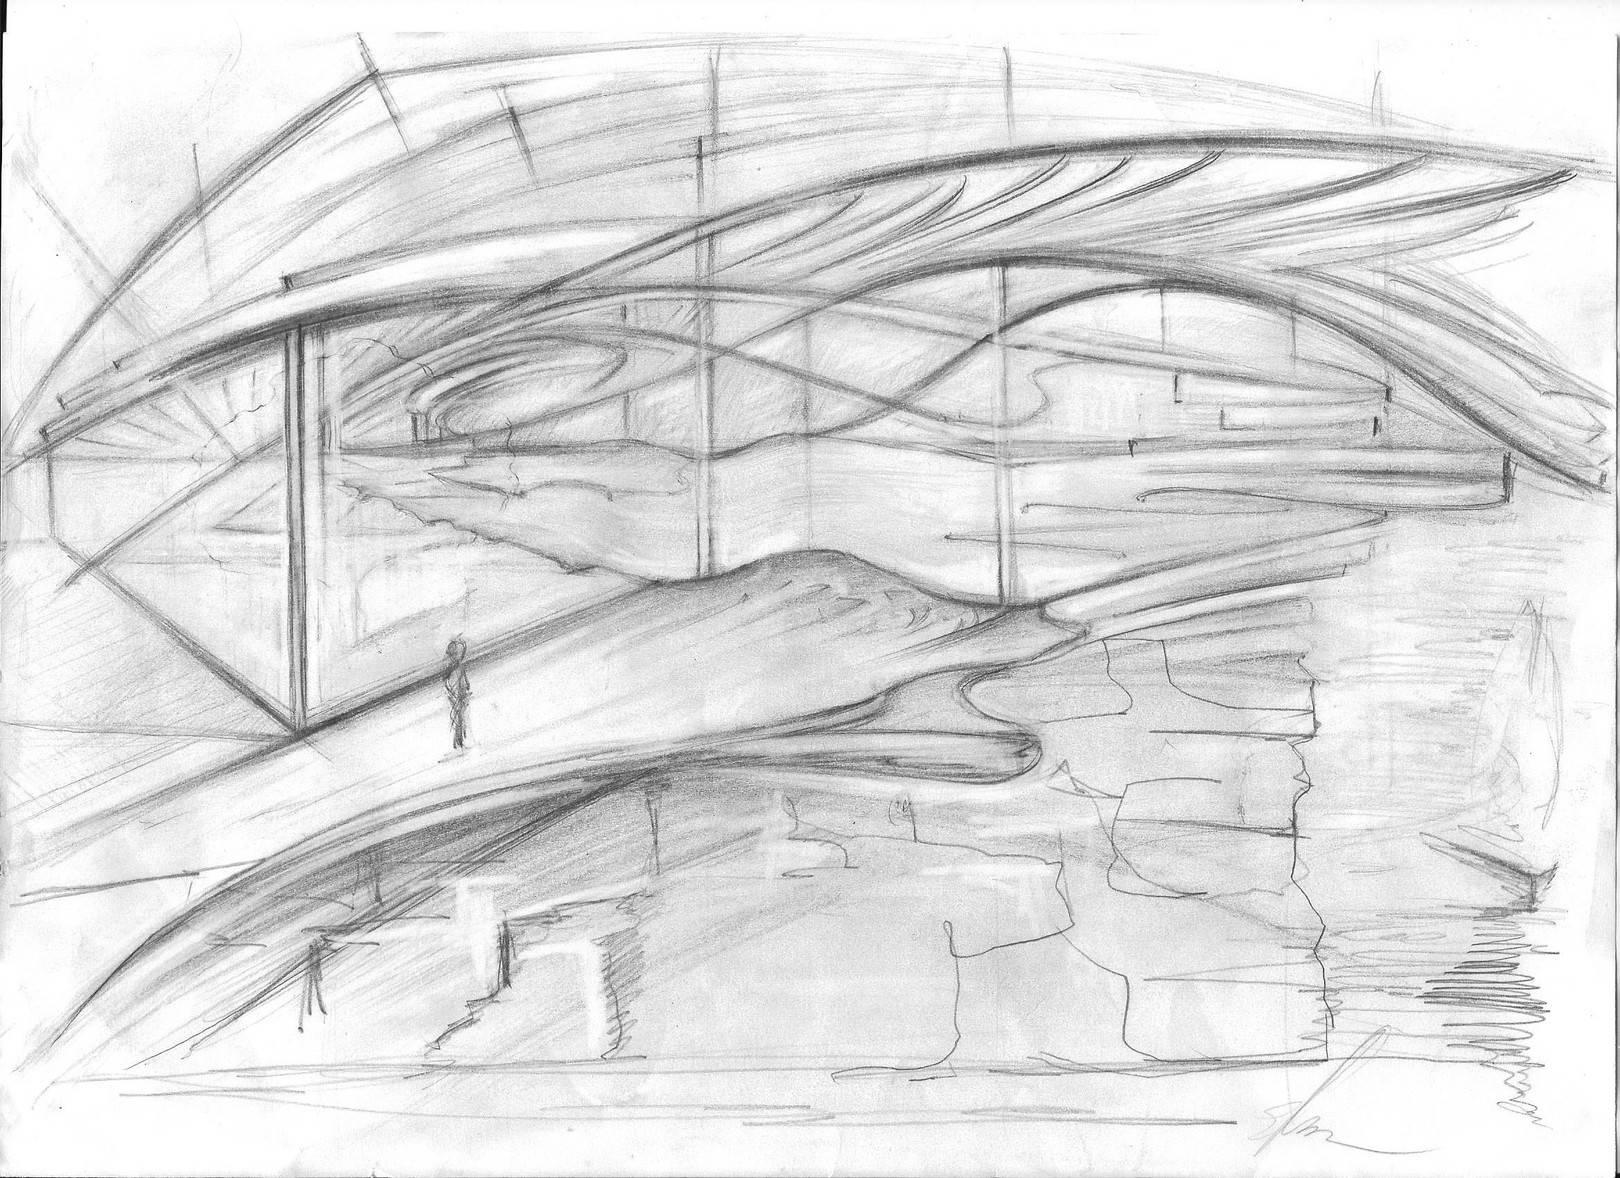 Два архитектурных наброска - фантазия на тему Santiago Calatrava.